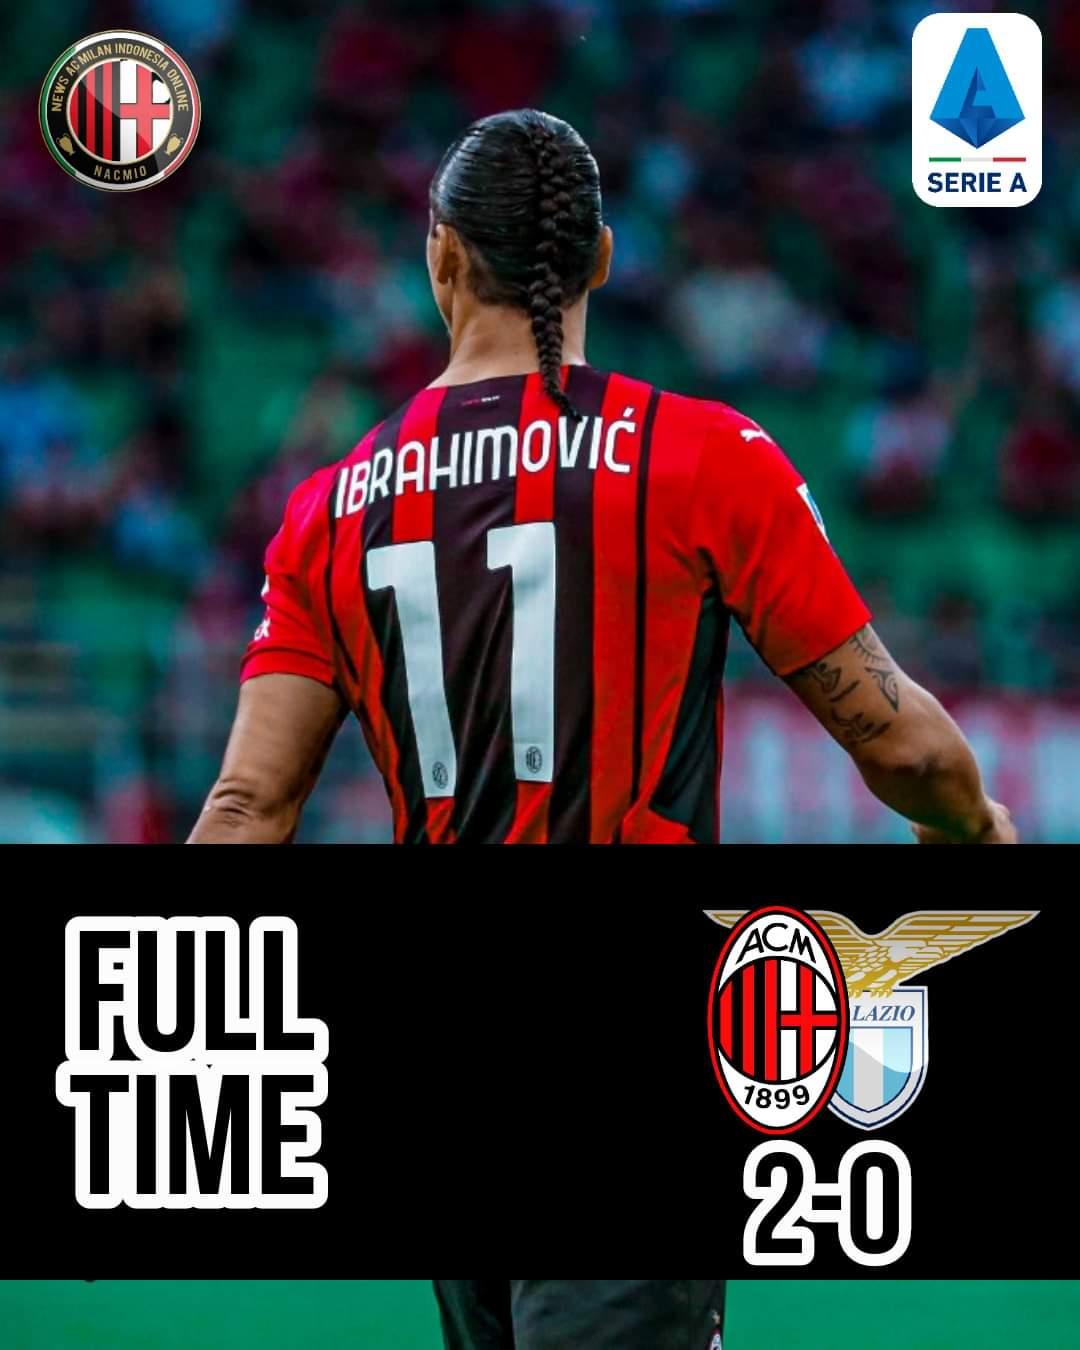 AC Milan kembali berhasil meraih poin penuh dalam partai berat melawan Lazio. Menang  2- 0